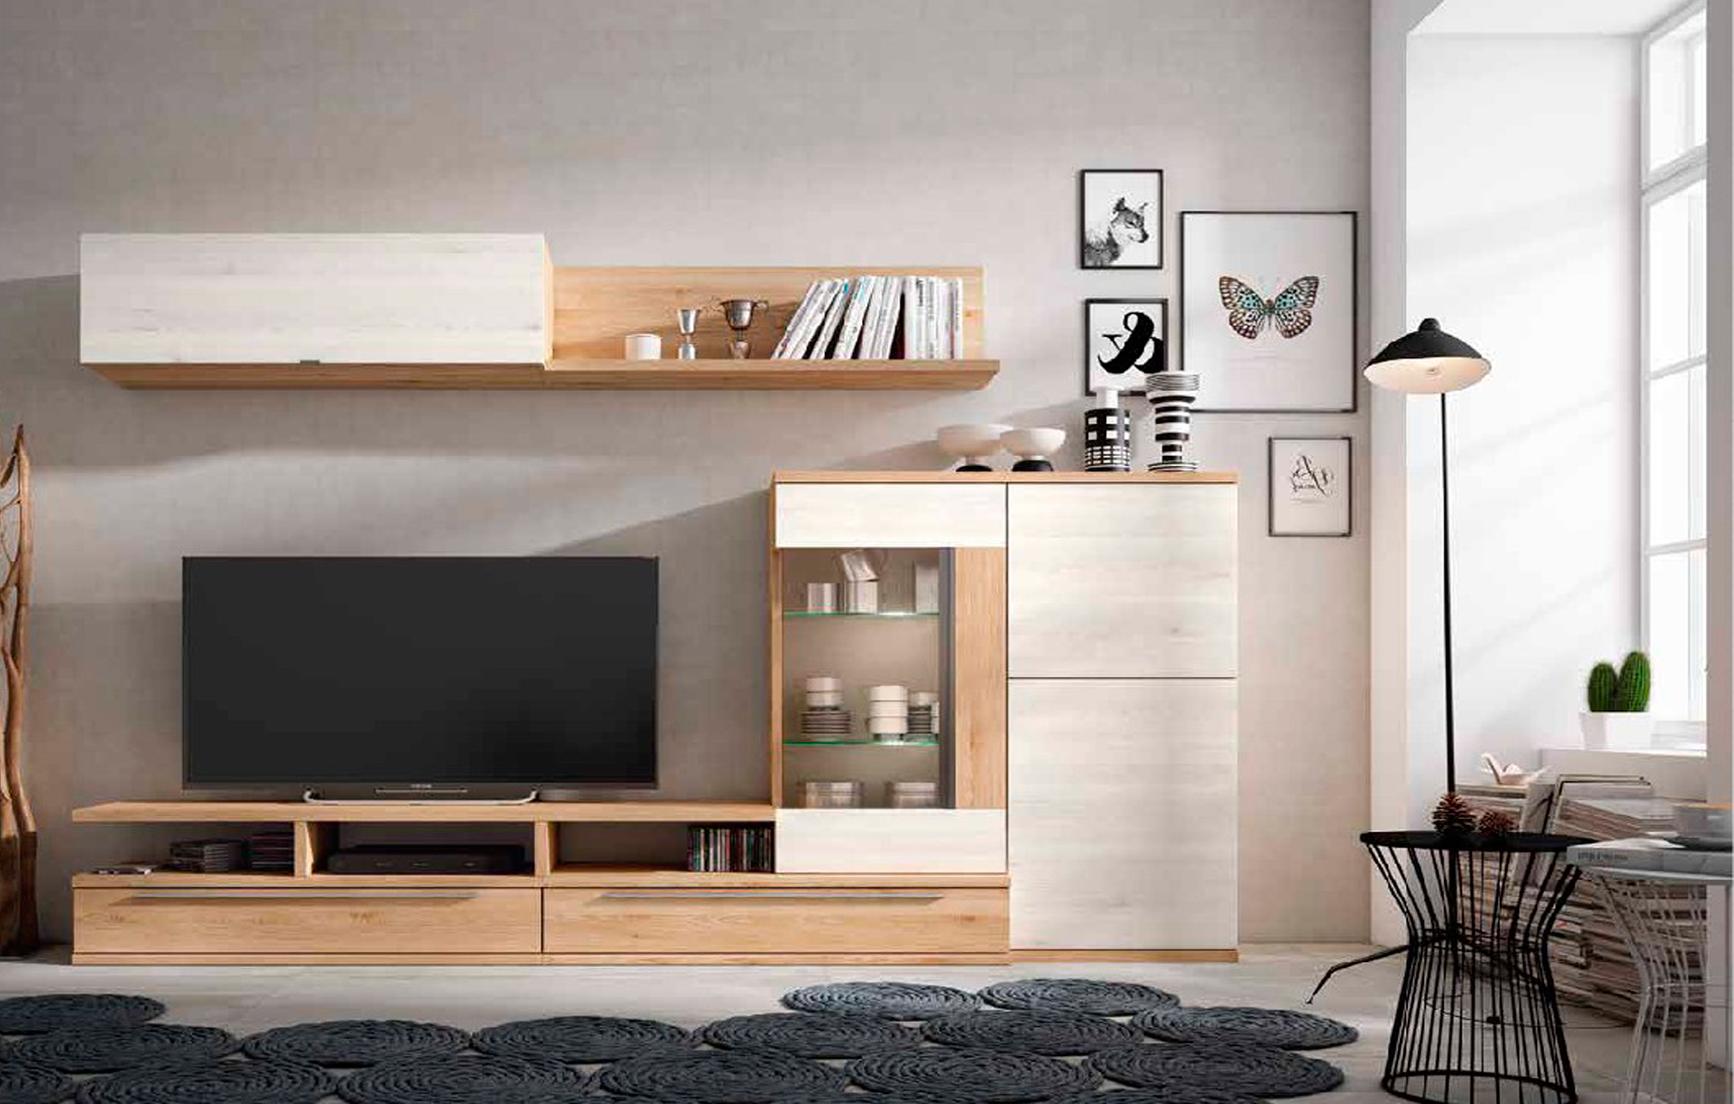 Muebles Salon Blanco Y Madera 3id6 Muebles Salon Modernos Baratos Para asturias Madera Y En Malaga